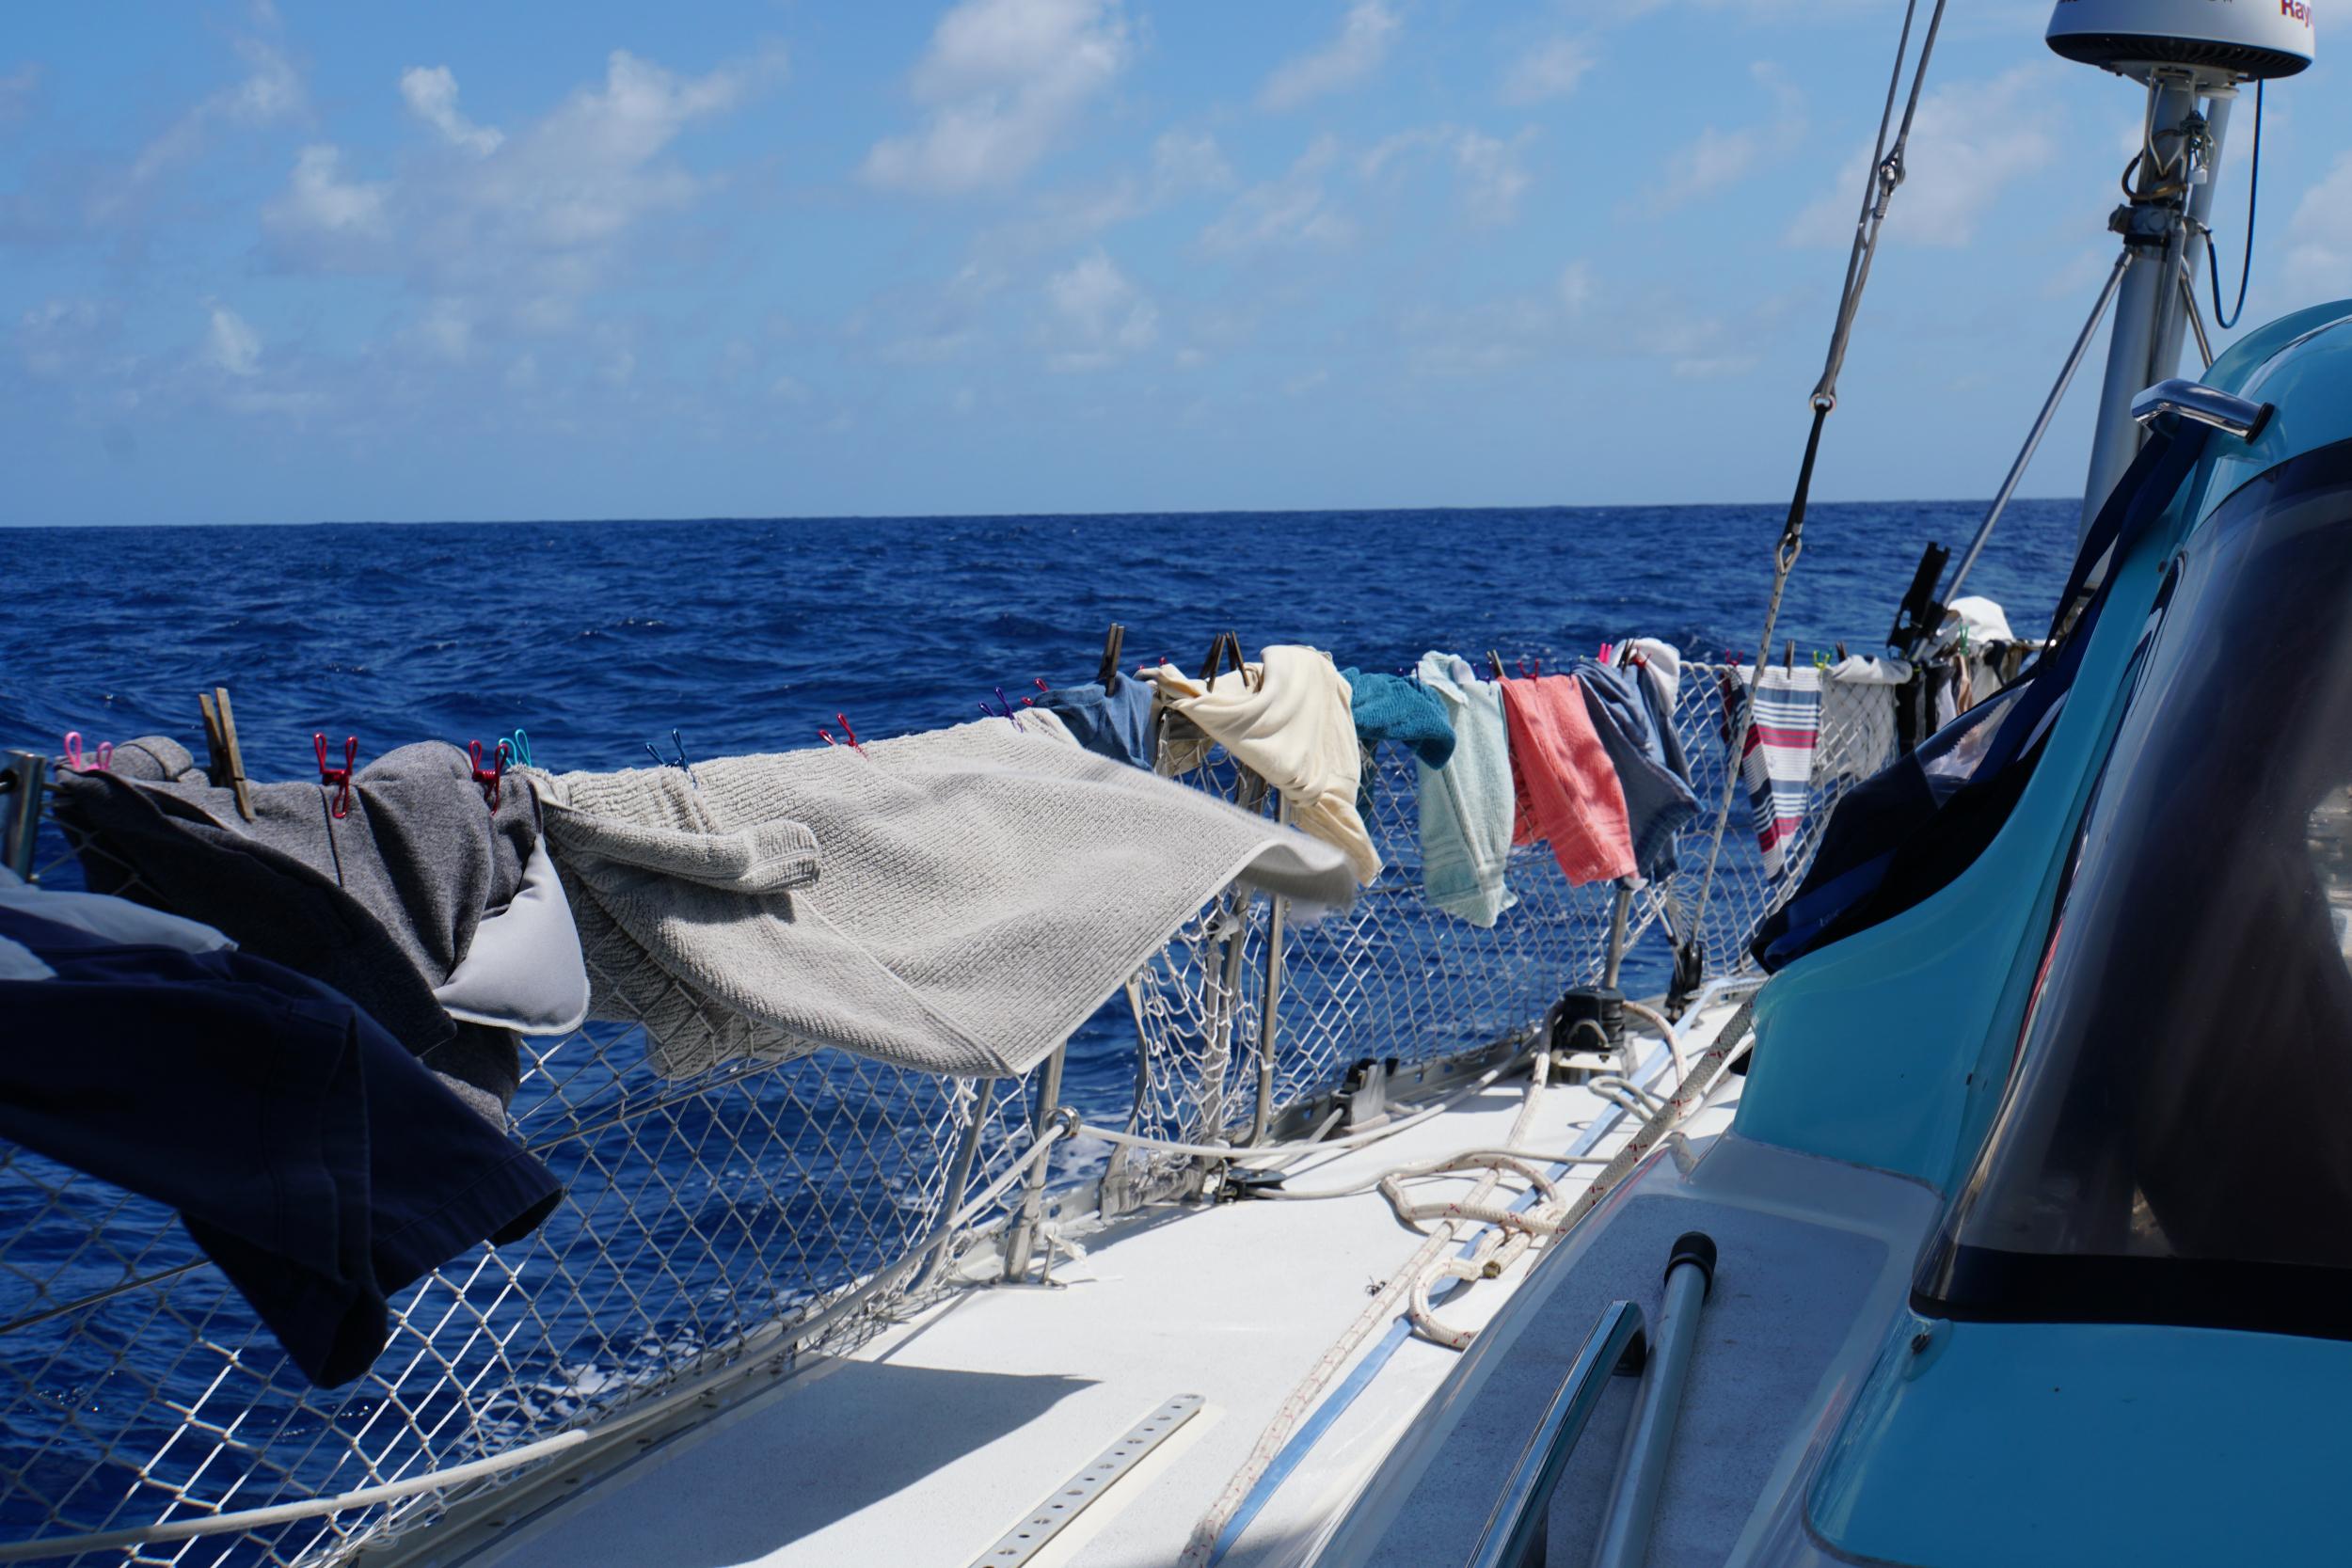 16. Laundry at sea